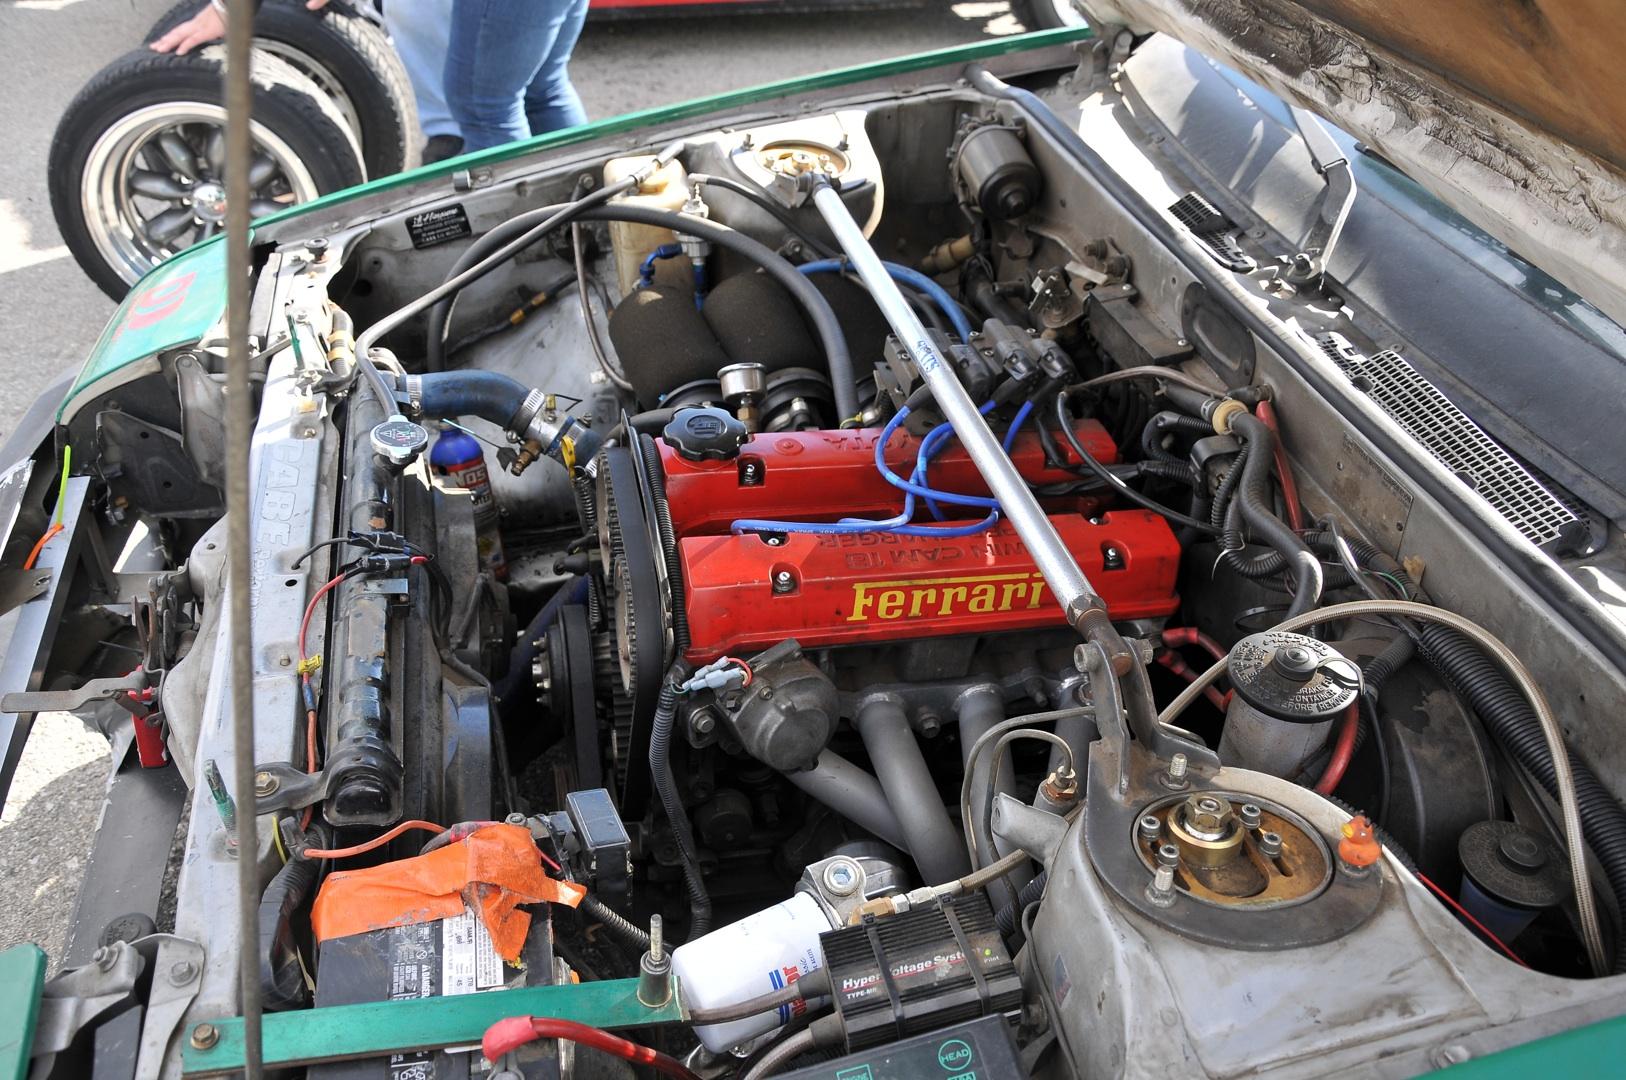 AE86, Chohdog, Steve Choh, engine